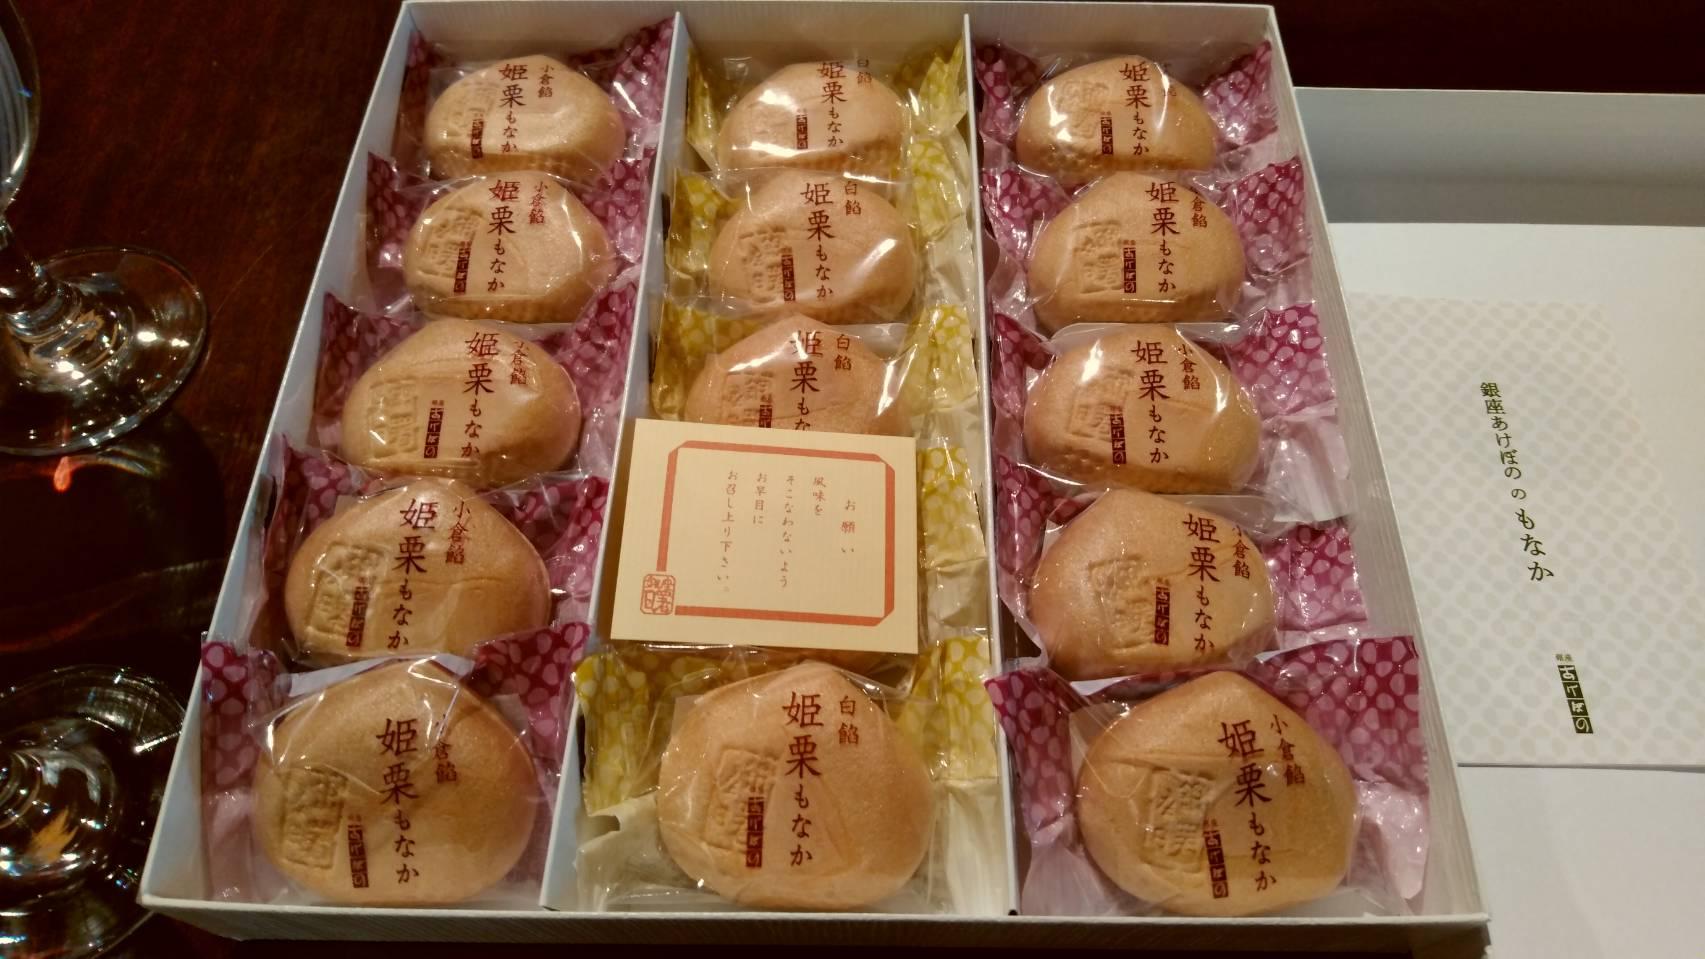 青森県のお客様からのリンゴに続いて、長野県のお客様からも、昨年 ...